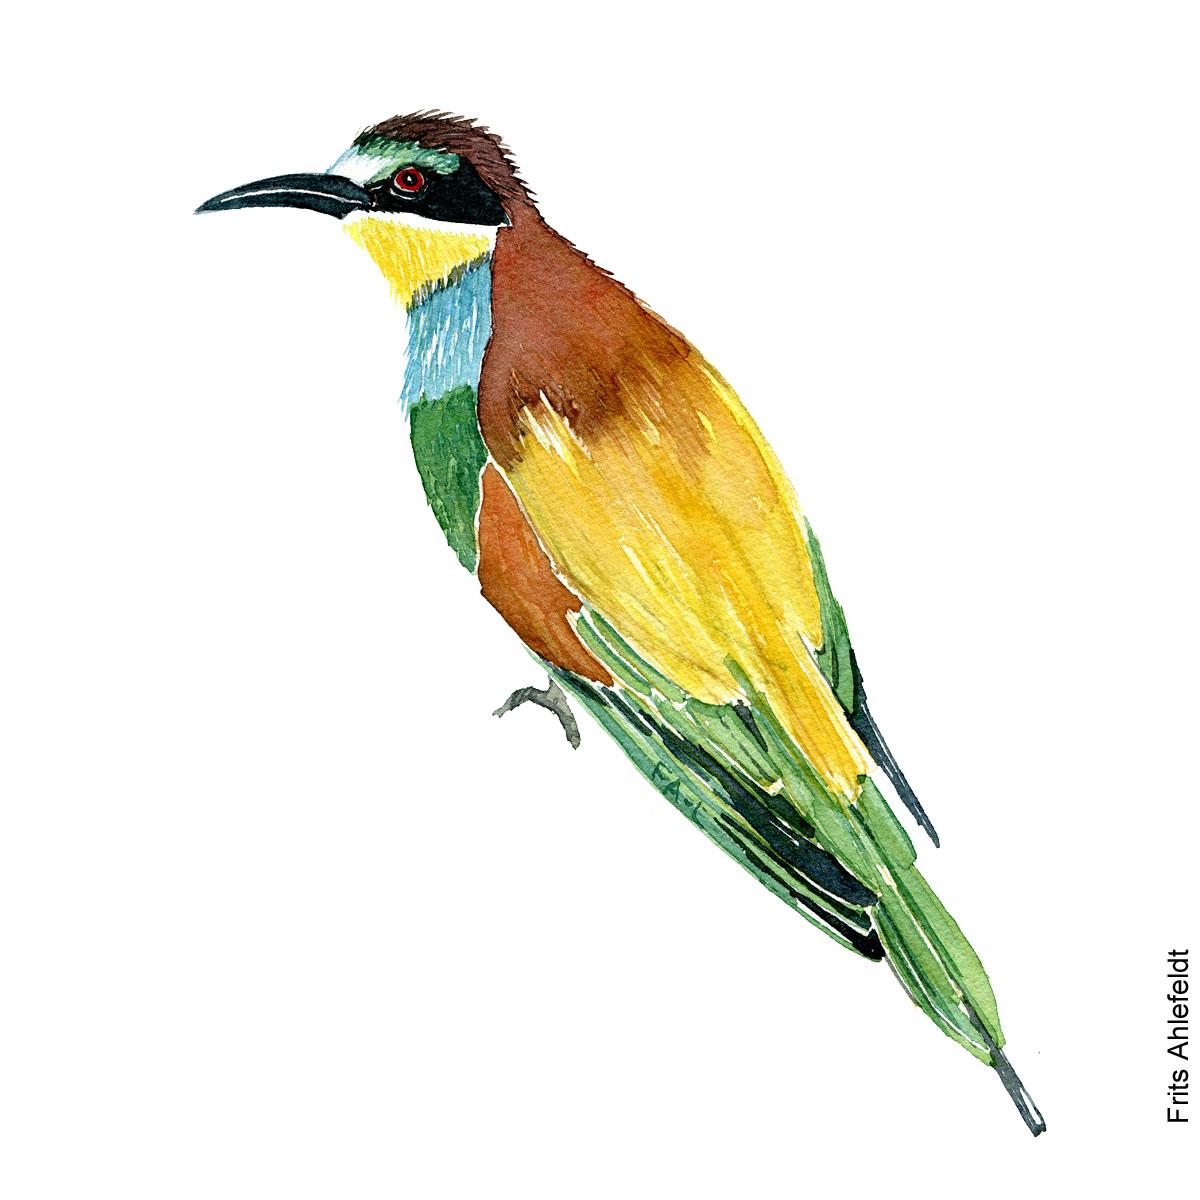 Biaeder - Beeeater bird watercolor. Akvarel af Frits Ahlefeldt